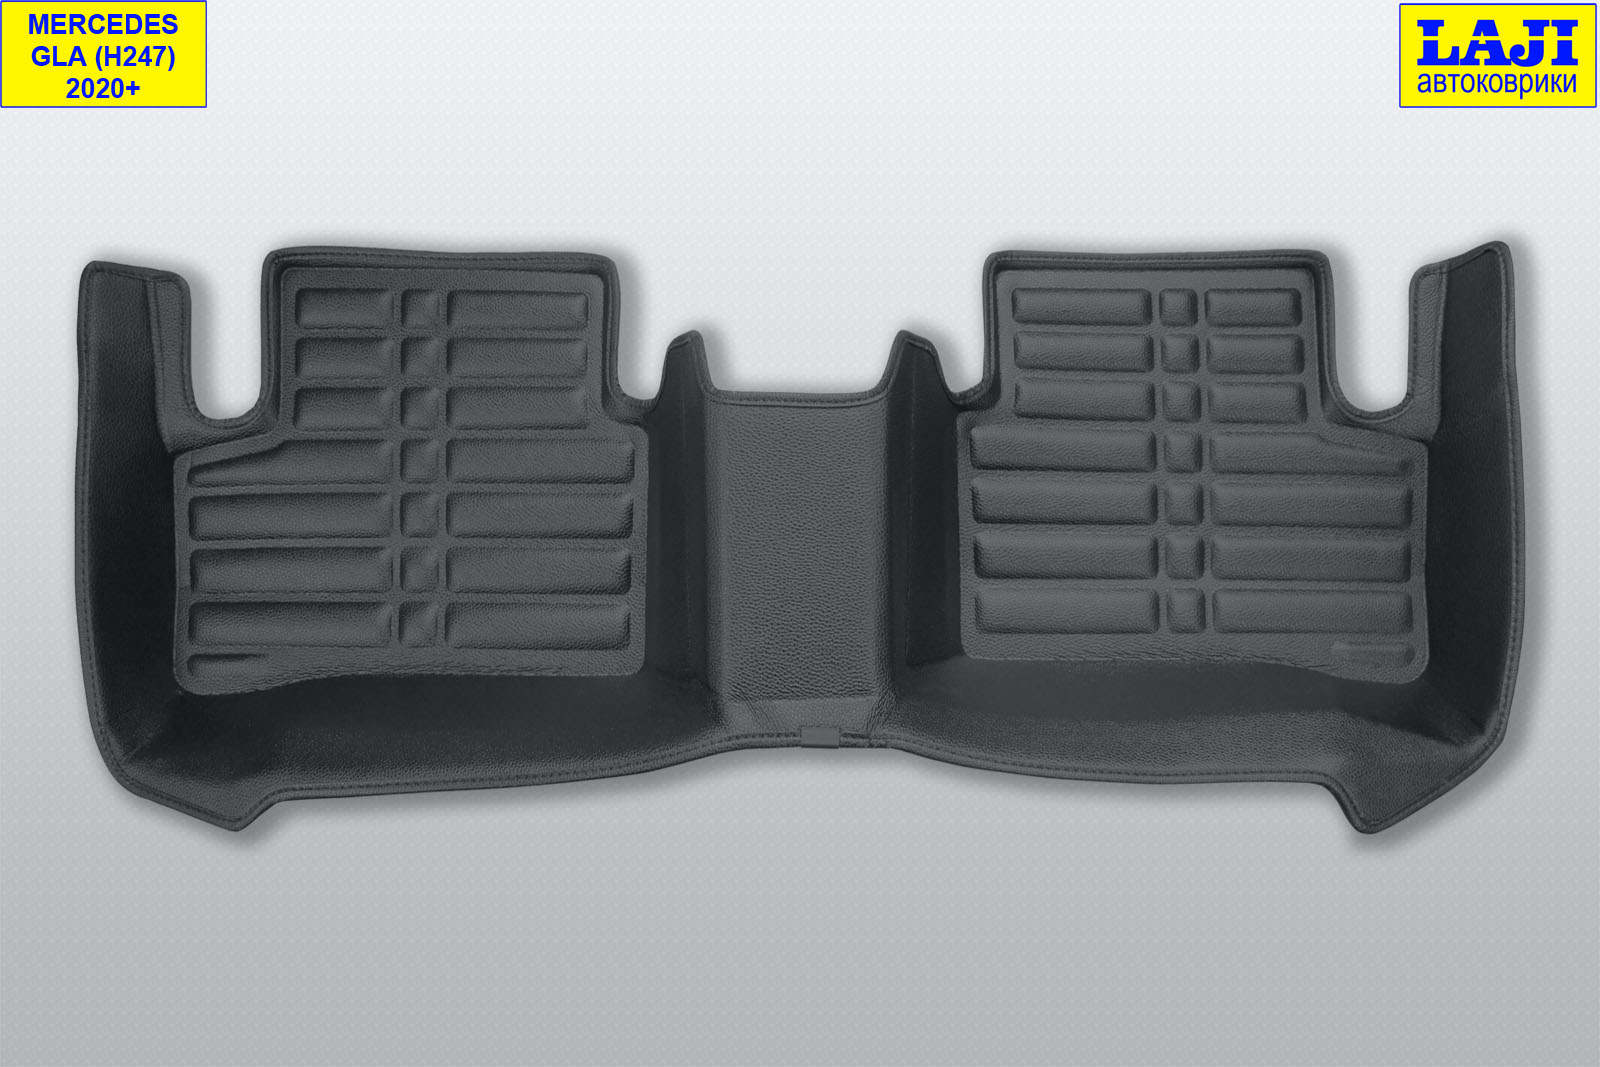 5D коврики в салон Mercedes GLA H247 2020-н.в. 10